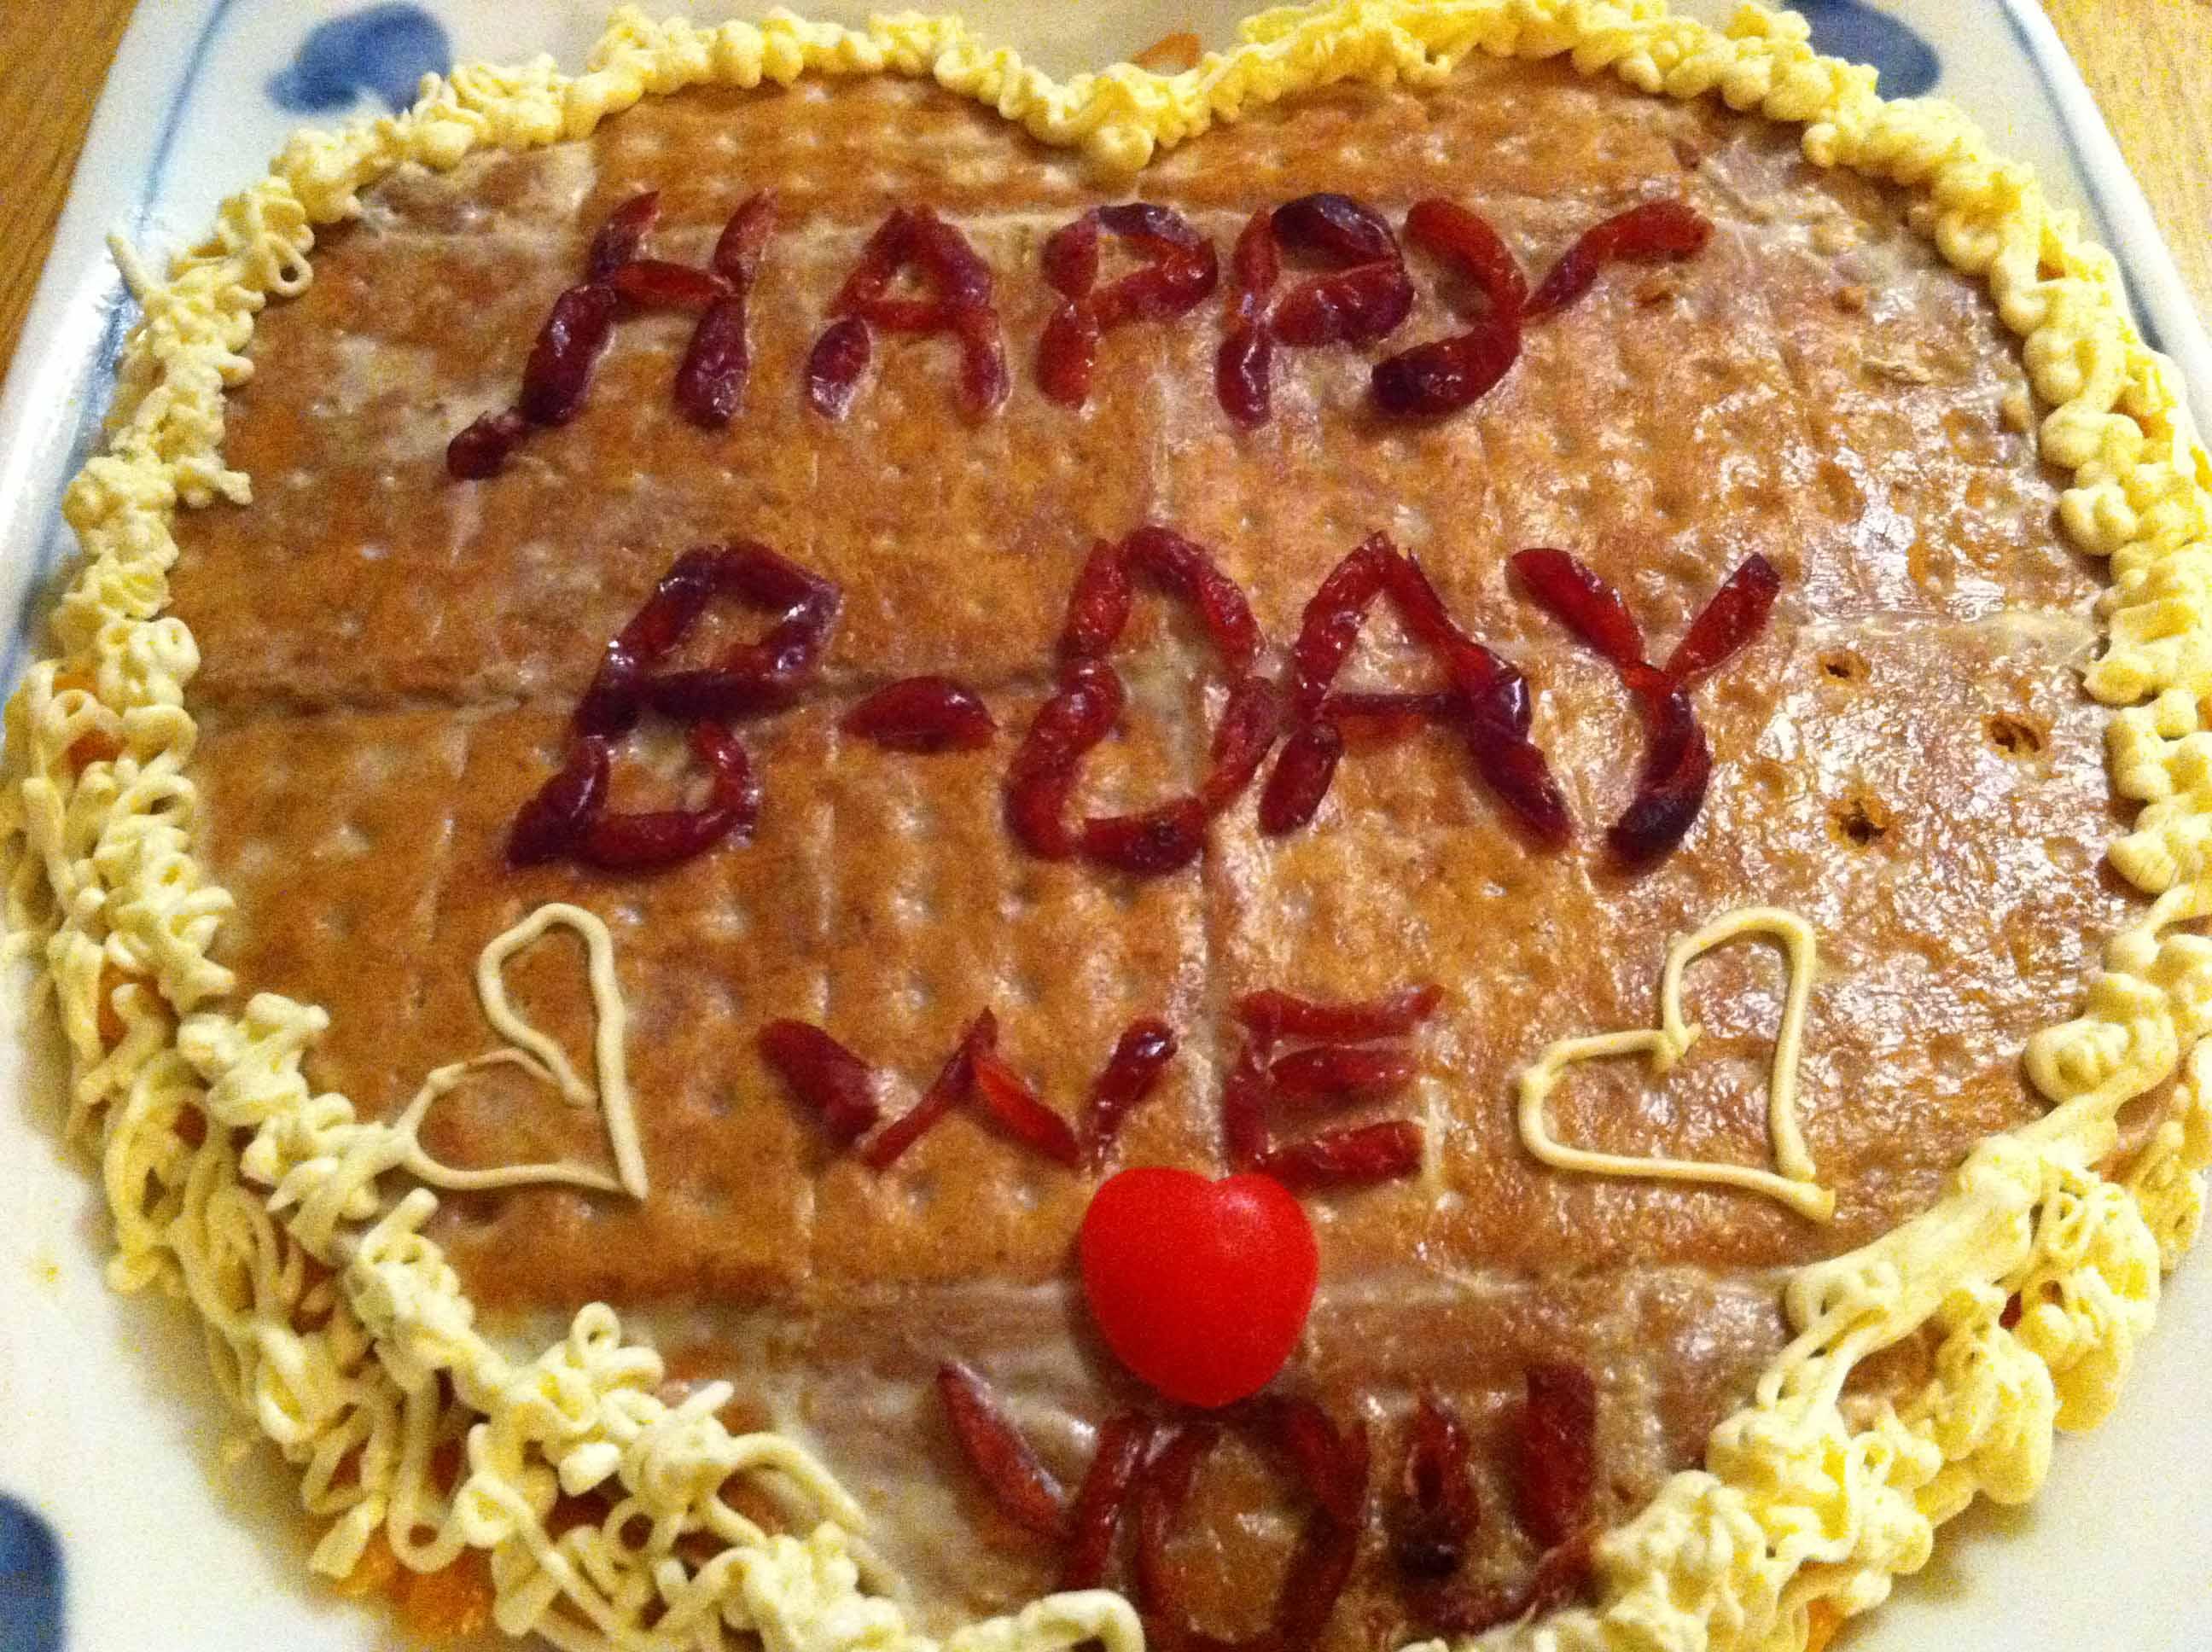 Kayla製作的生日蛋糕。「有一年生日我睜開眼,就看見她和狗狗全部帶上生日帽,向我喊生日快樂。」彭秀慧說。相片由受訪者提供